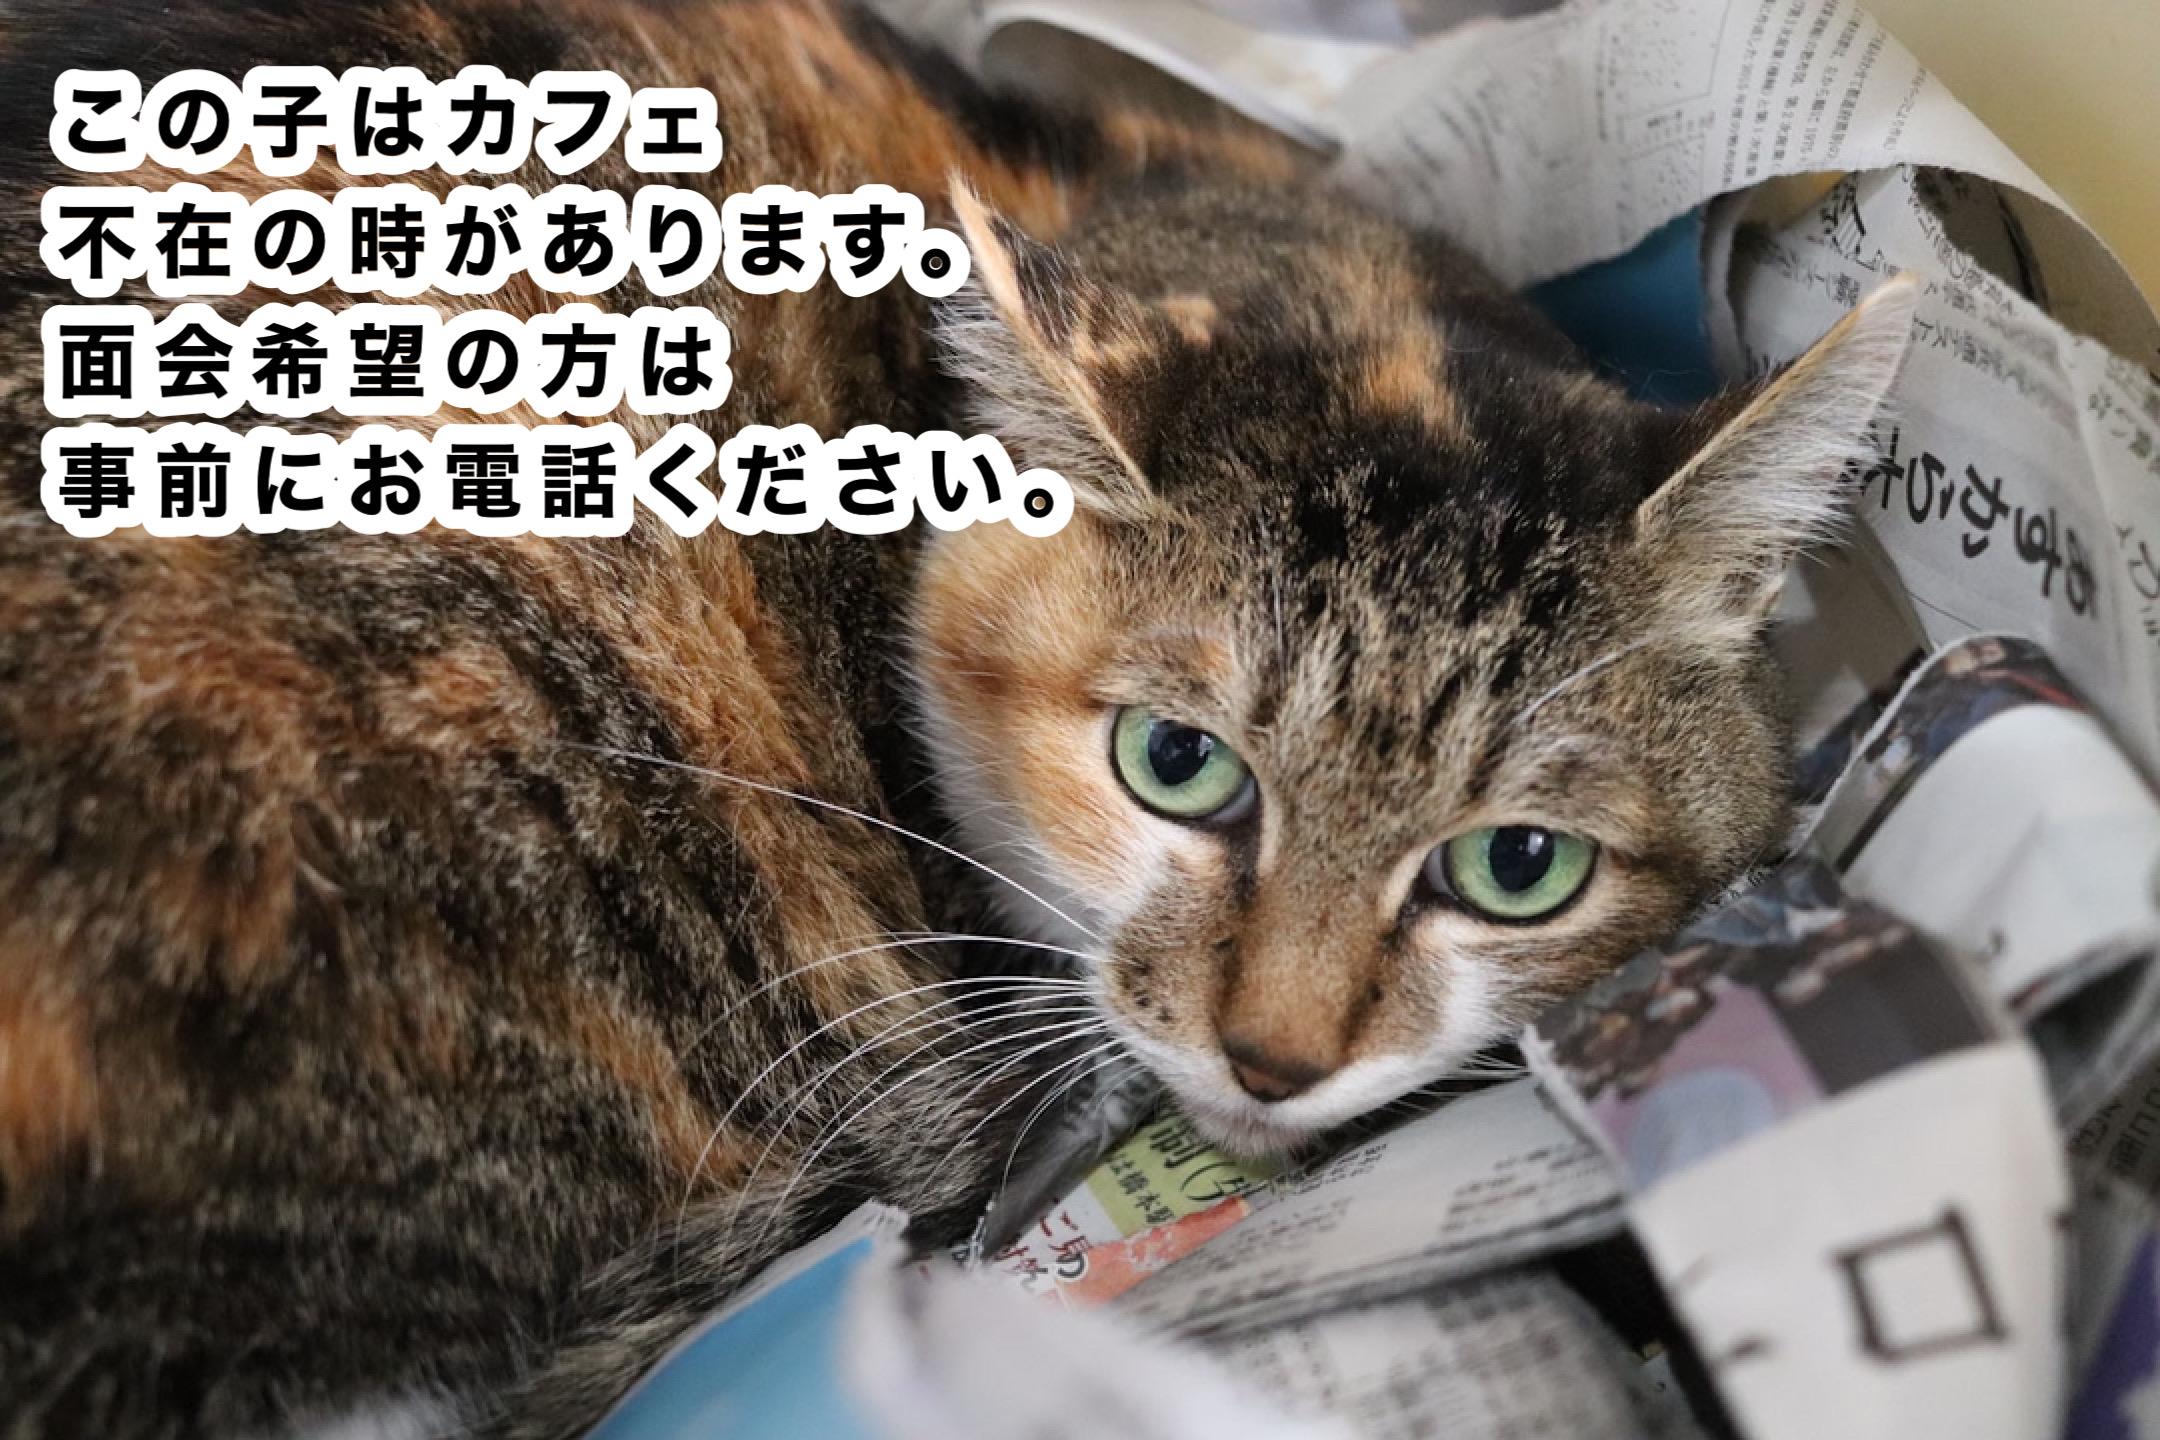 <ul> <li>猫種:日本猫 性別:女の子 名前:マッコ 年齢:2014年頃生まれ 保護経緯:飼い主が高齢になり施設へ入居し、親族も引き継いで飼うことが出来ない</li> </ul>